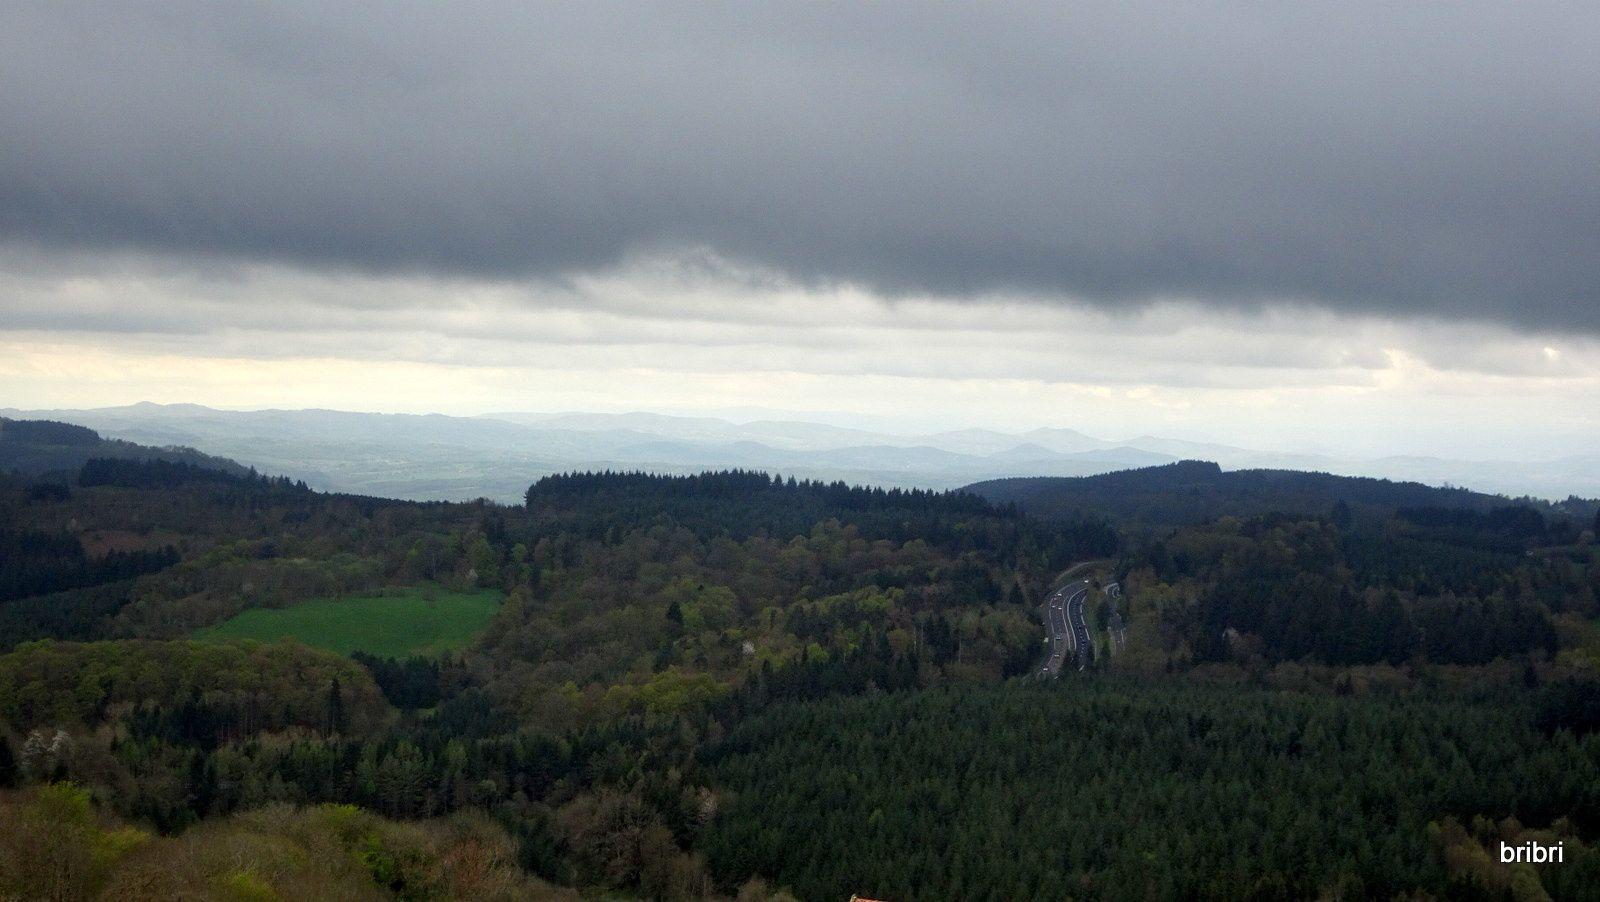 On aperçoit l'autoroute de Thiers mais aussi les nuages menaçants.